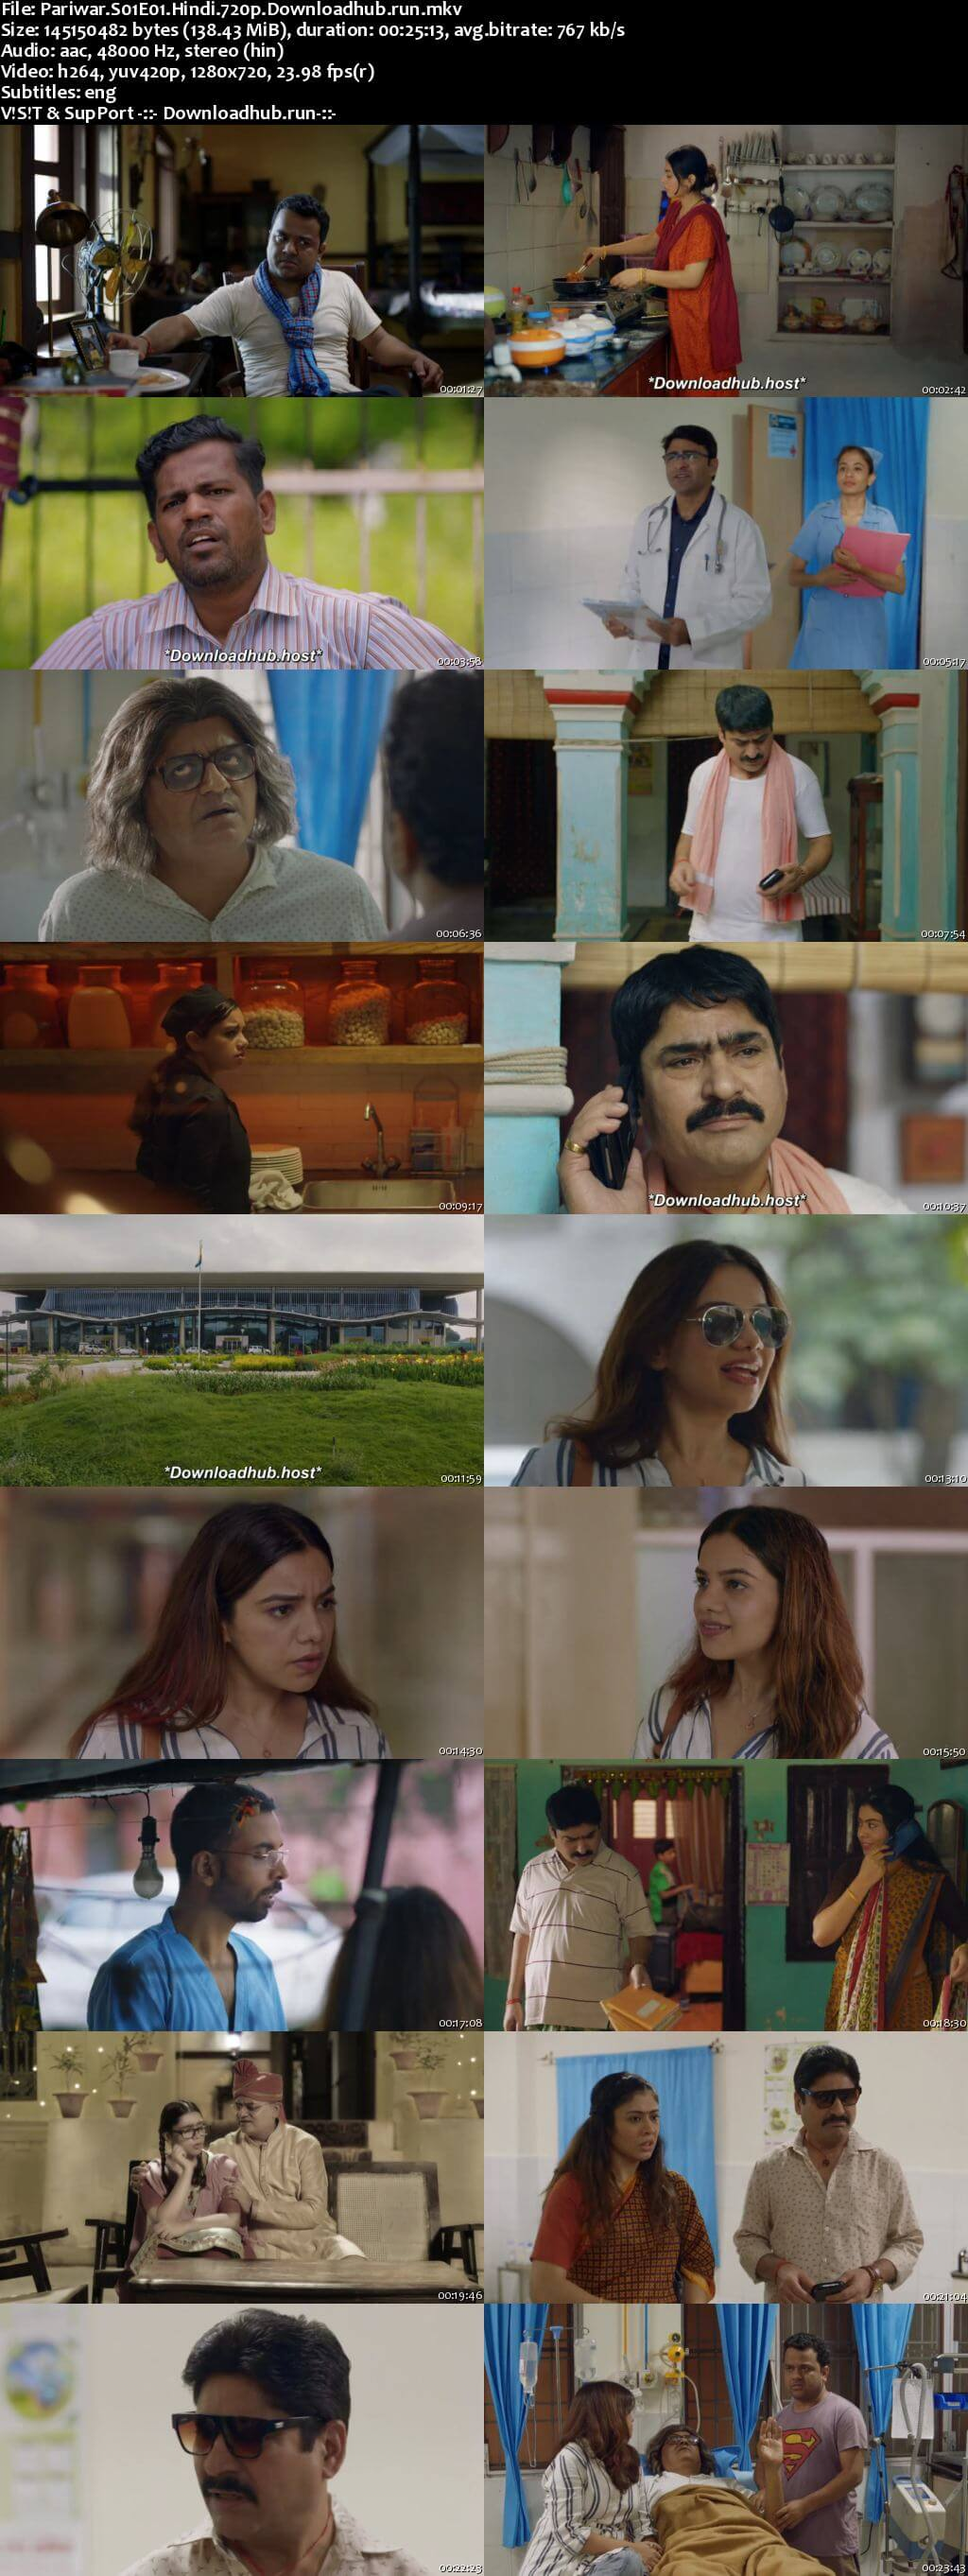 Pariwar 2020 Hindi Season 01 Complete 720p HDRip ESubs